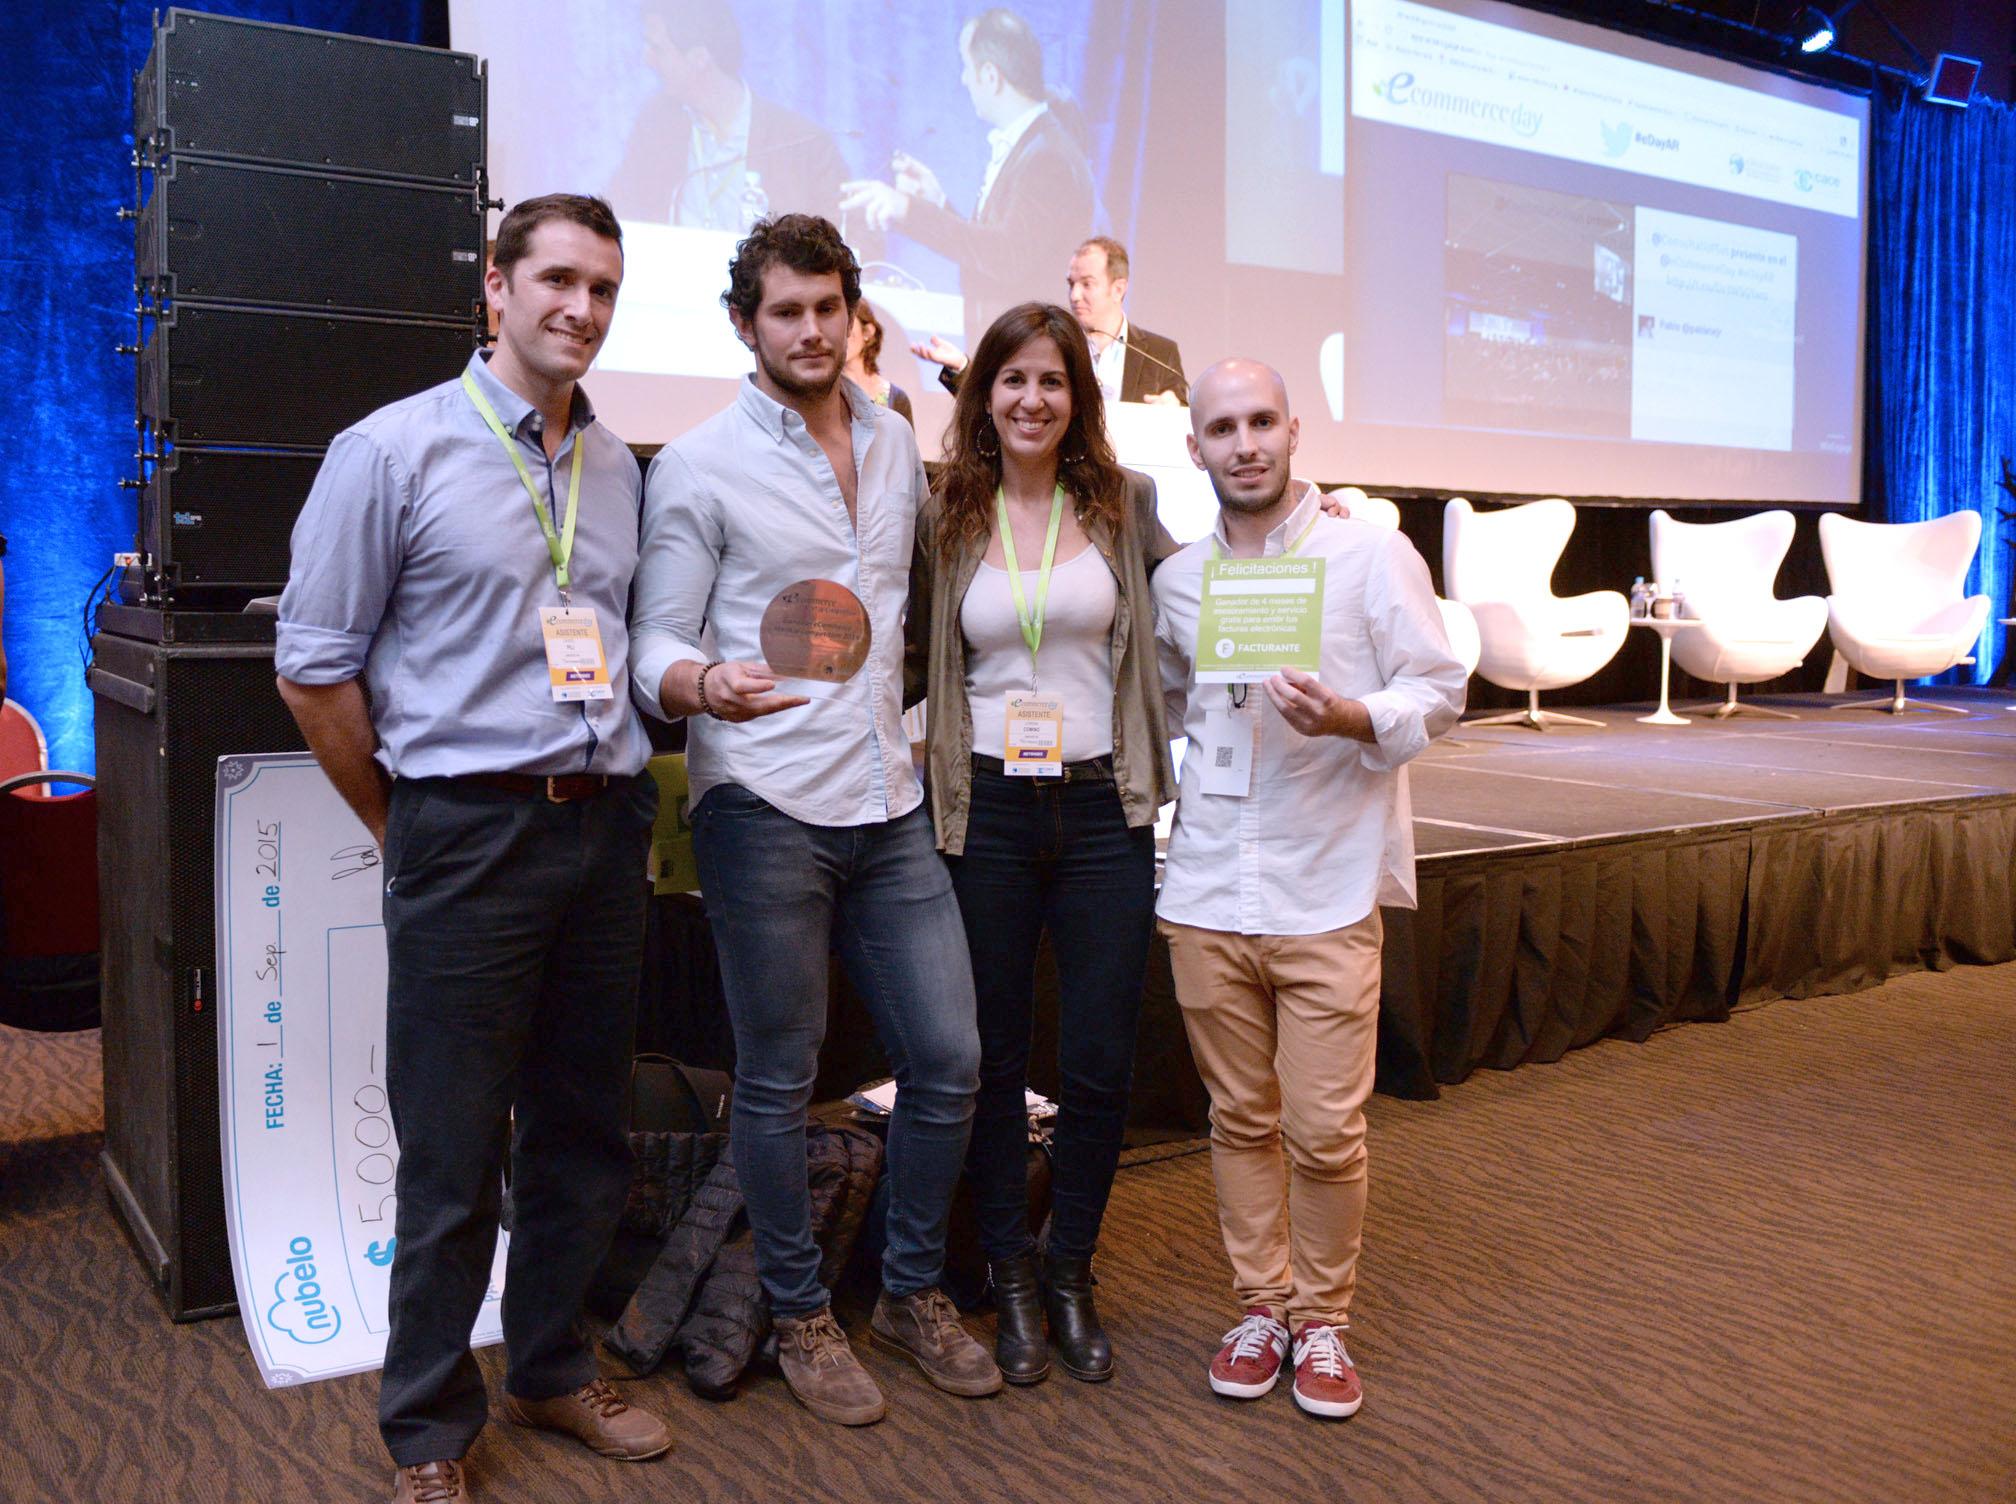 El eCommerce StartUp Competition premió a los 3 mejores emprendimientos de comercio electrónico del país